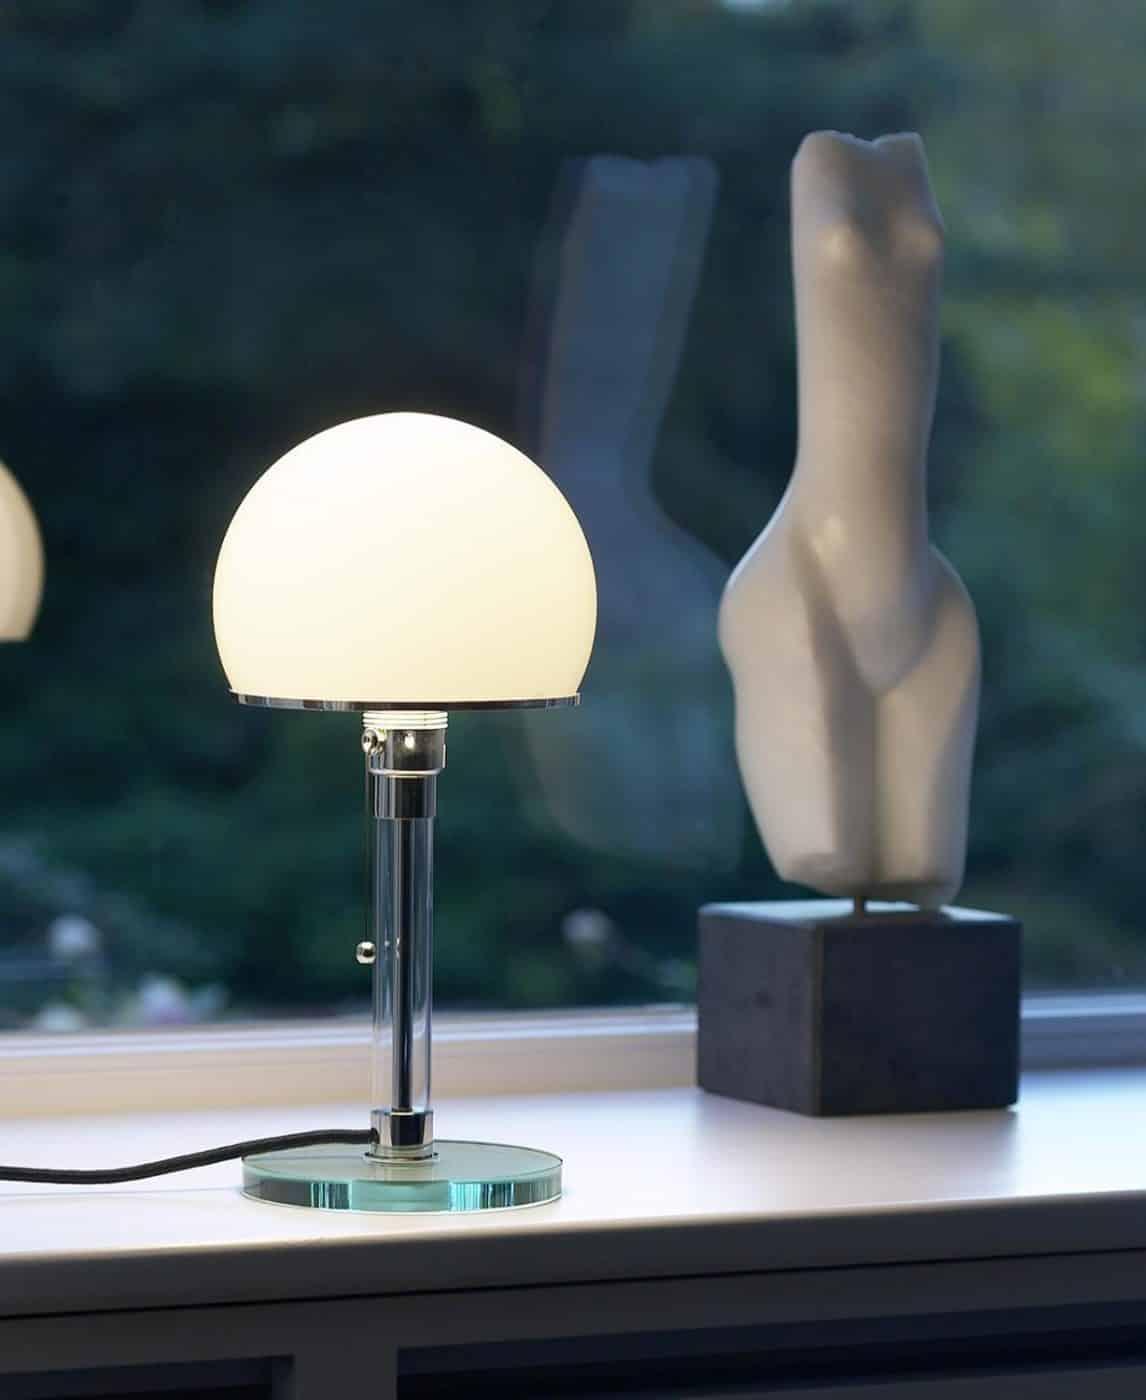 Wilhelm Wagenfeld's Bauhaus Model WG 24 lamp